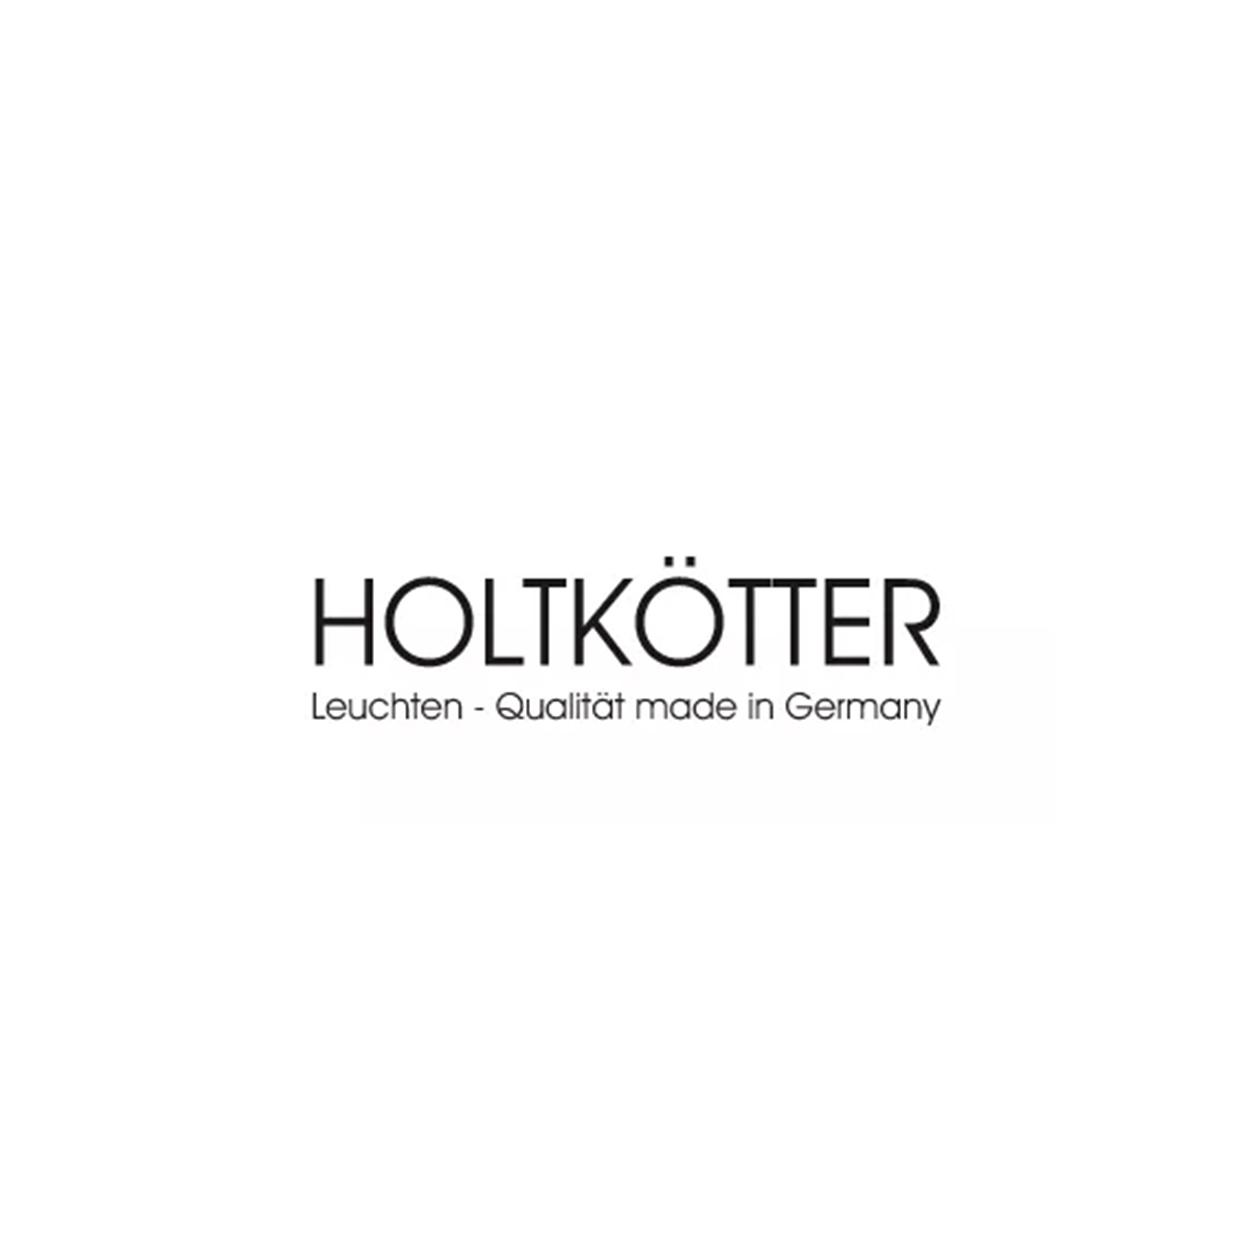 Holtkötter - Objekte Licht & Raum GmbH in Hamburg